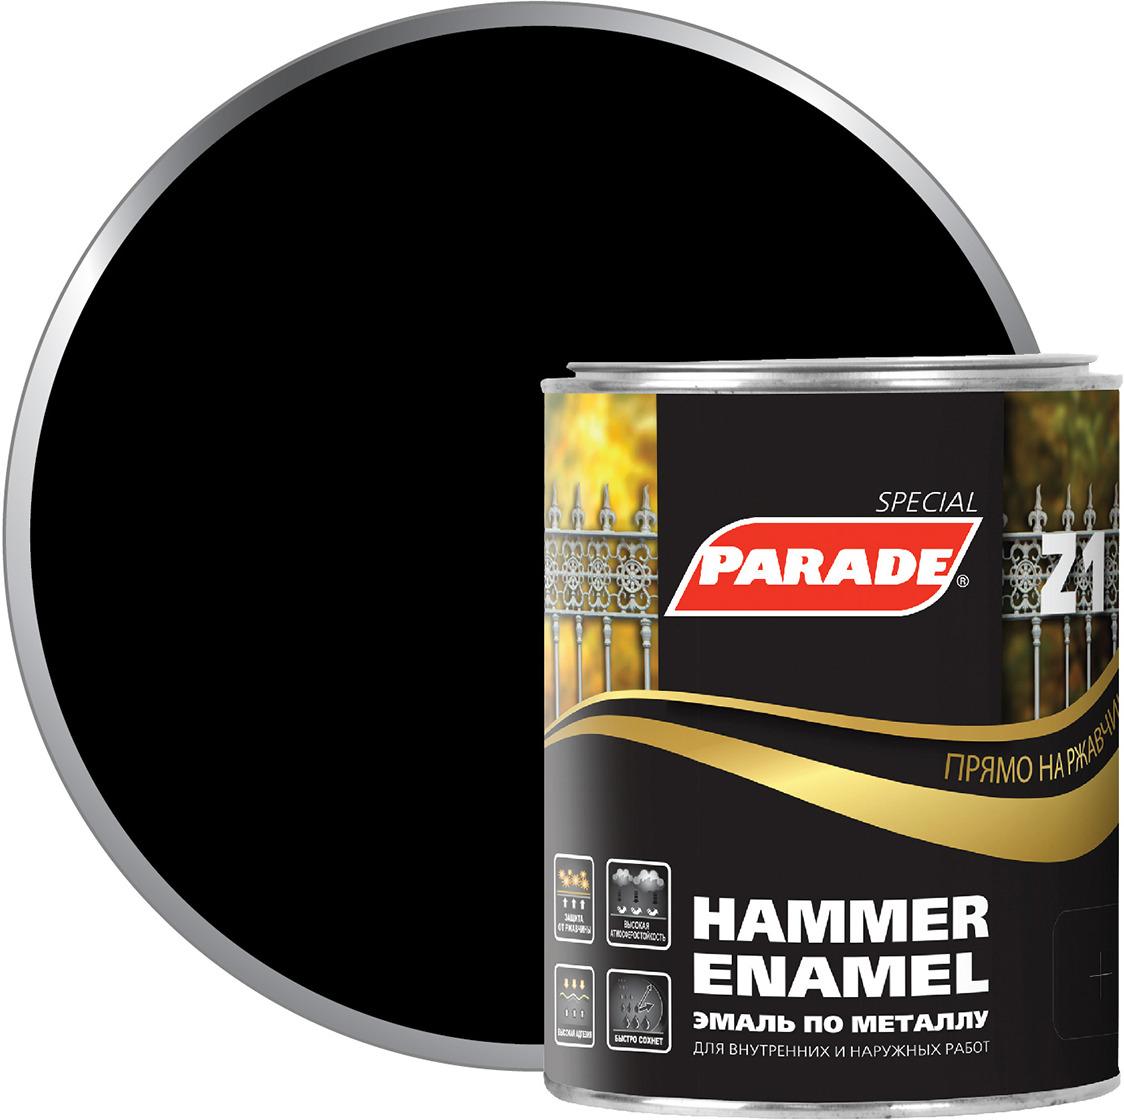 Фото - Эмаль по металлу Parade Z1, гладкая, RAL 9005 черный, 750 мл финишный гвоздь swfs свфс din1152 1 8х40 25кг тов 041025